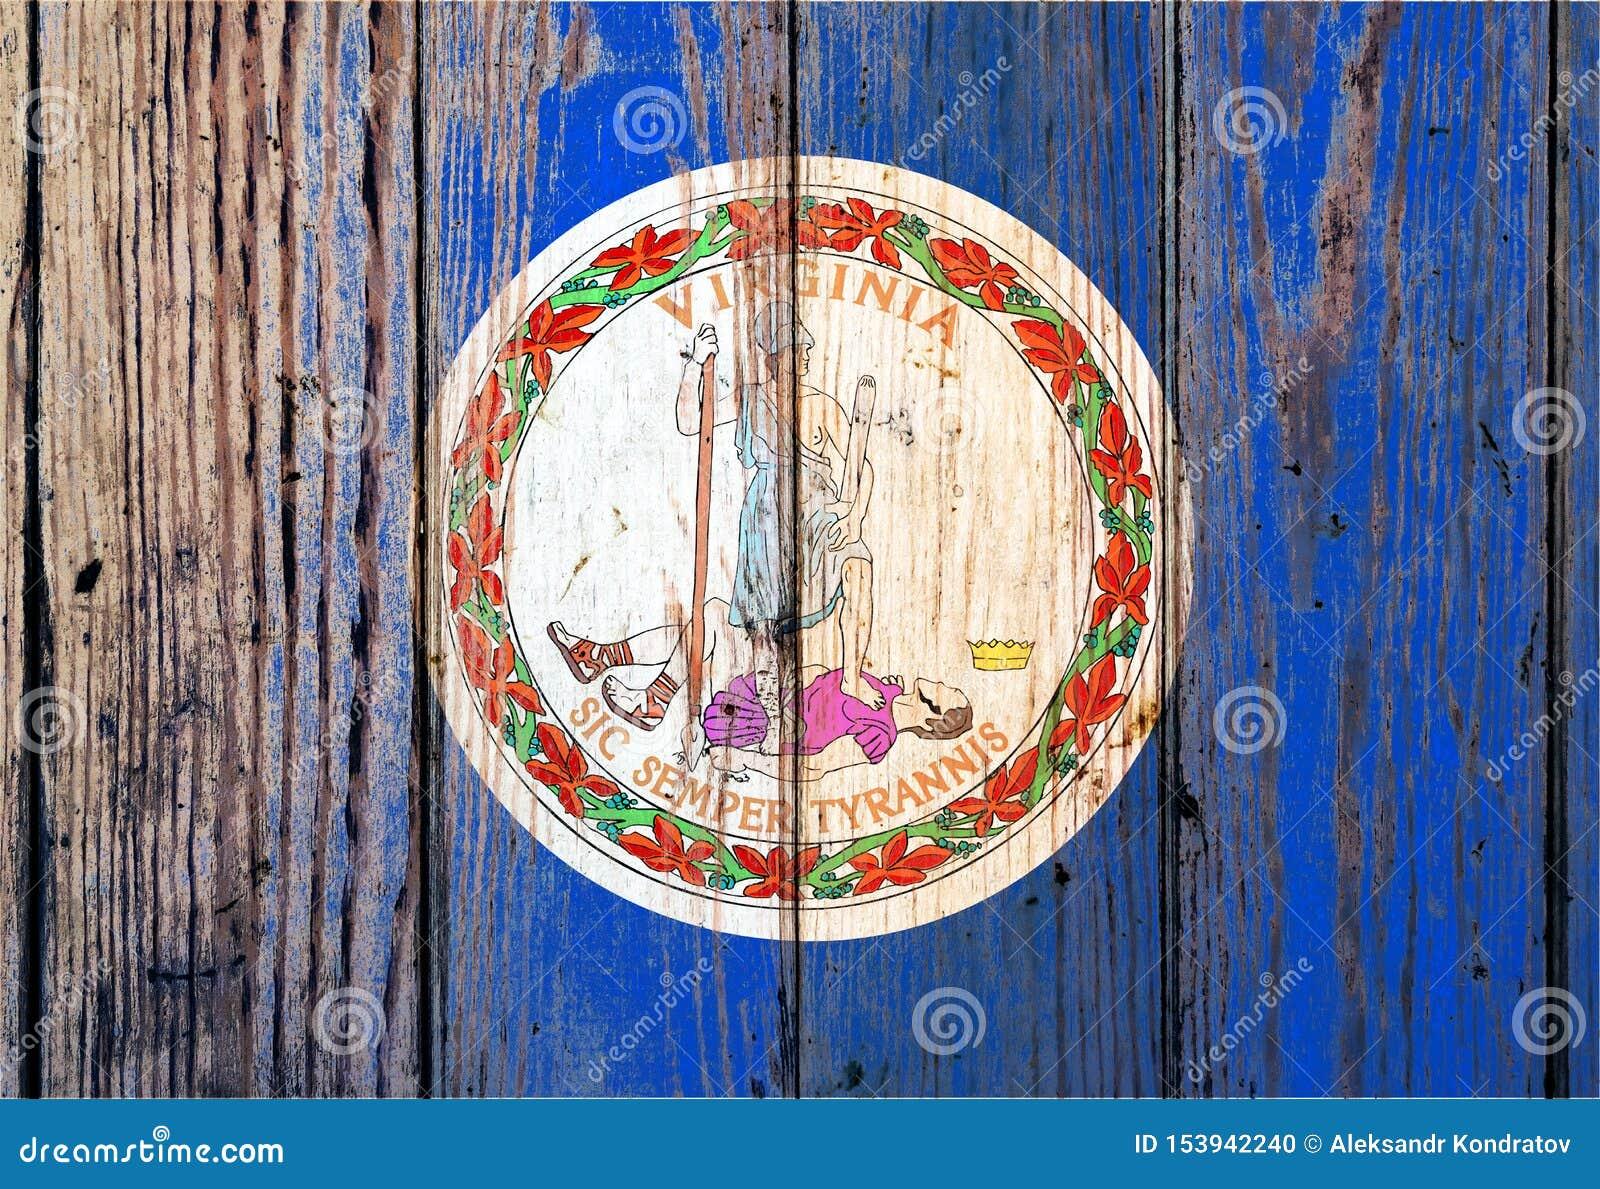 Национальный флаг штата США Вирджинии на серой предпосылке деревянных доск в день независимости в других цветах голубое красного